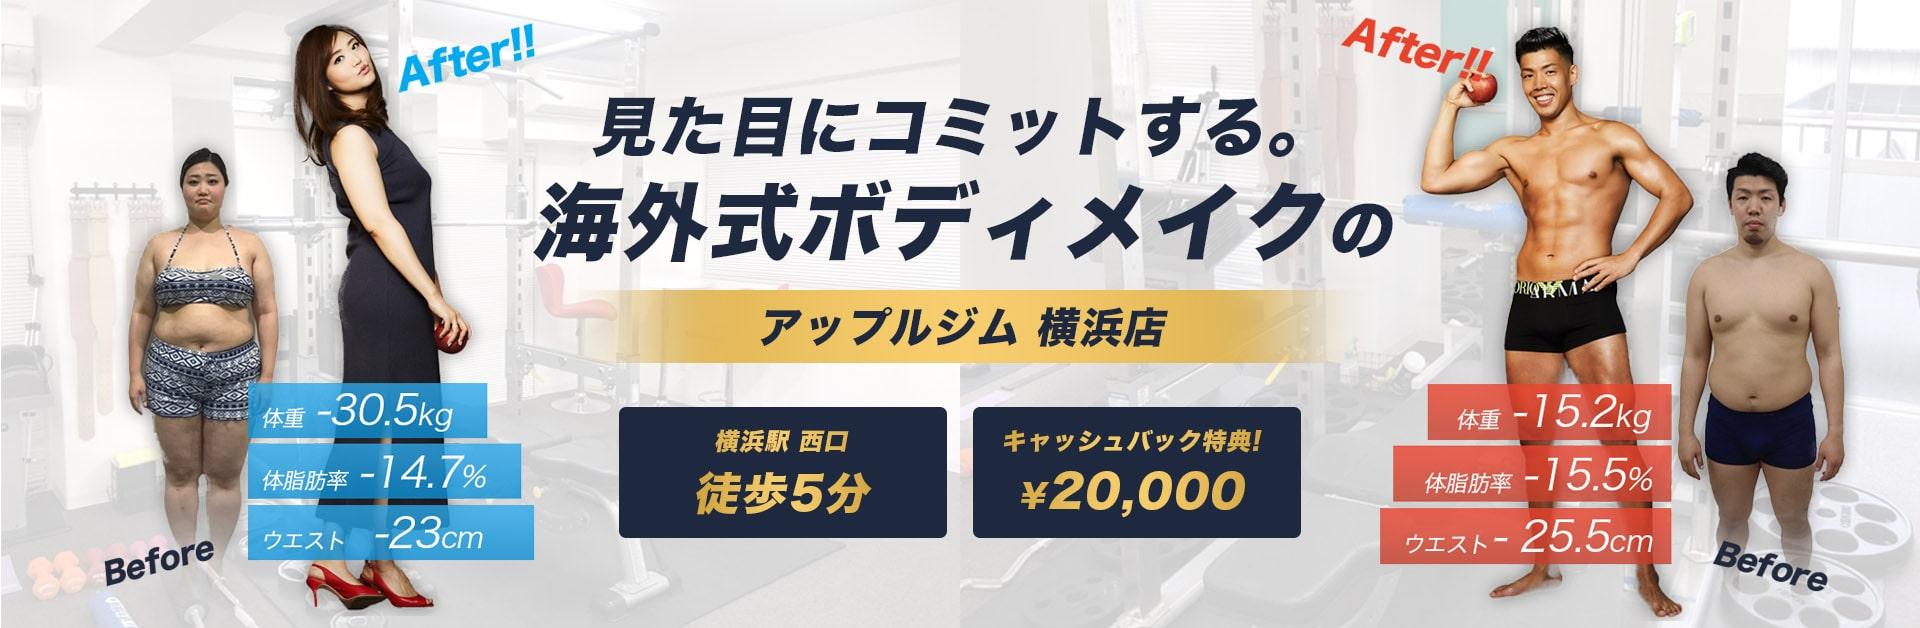 見た目にコミットする。海外式ボディメイクのアップルジム 横浜店